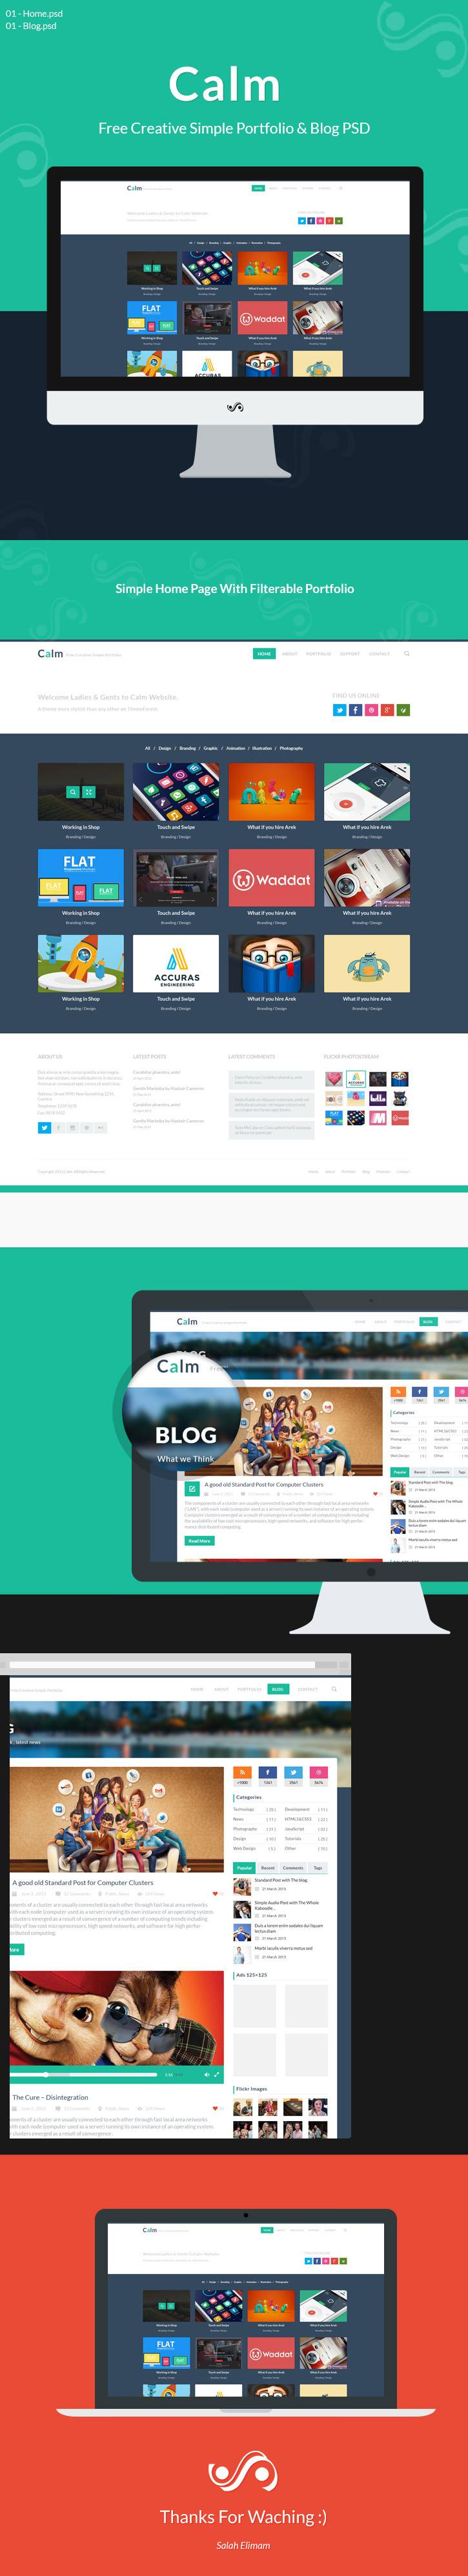 Calm Free Creative Simple Portfolio & Blog PSD